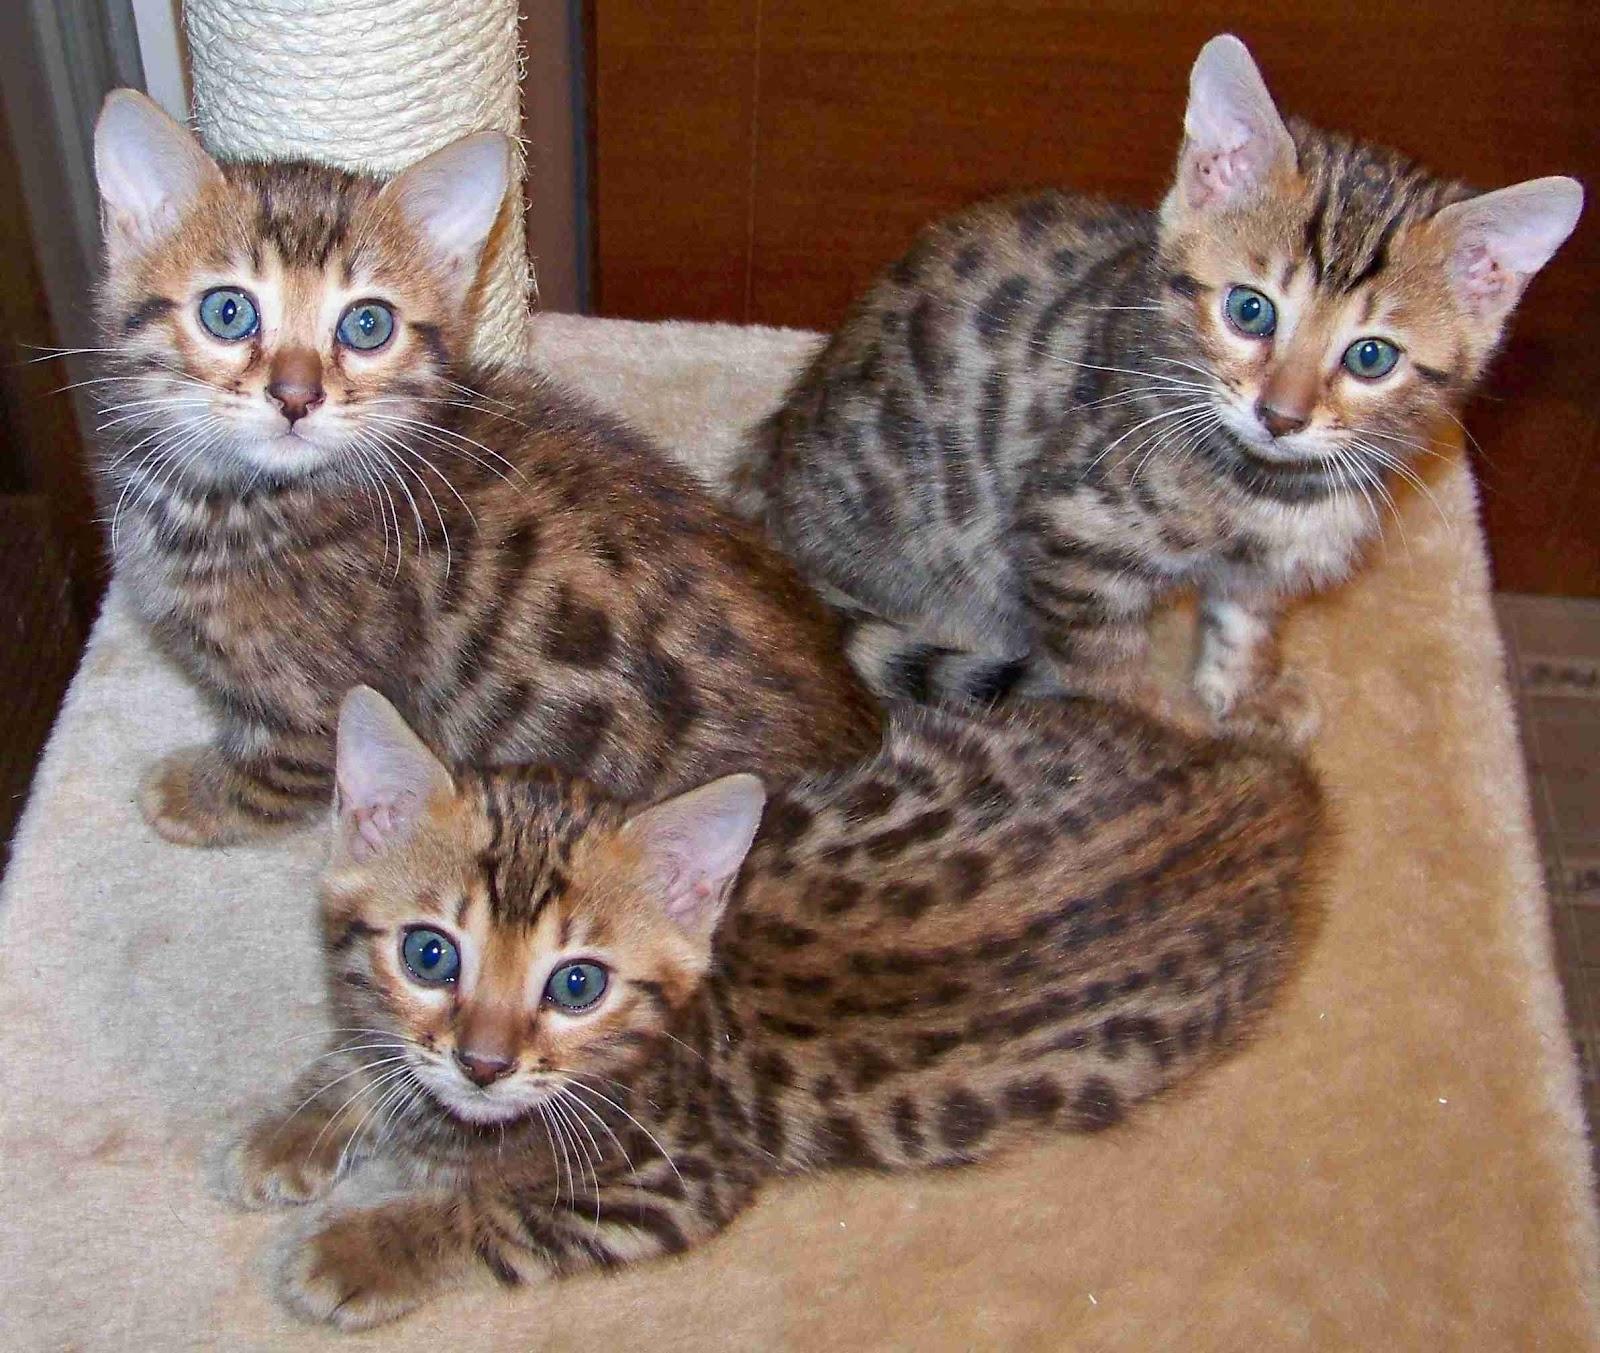 bengal cats cute cats. Black Bedroom Furniture Sets. Home Design Ideas